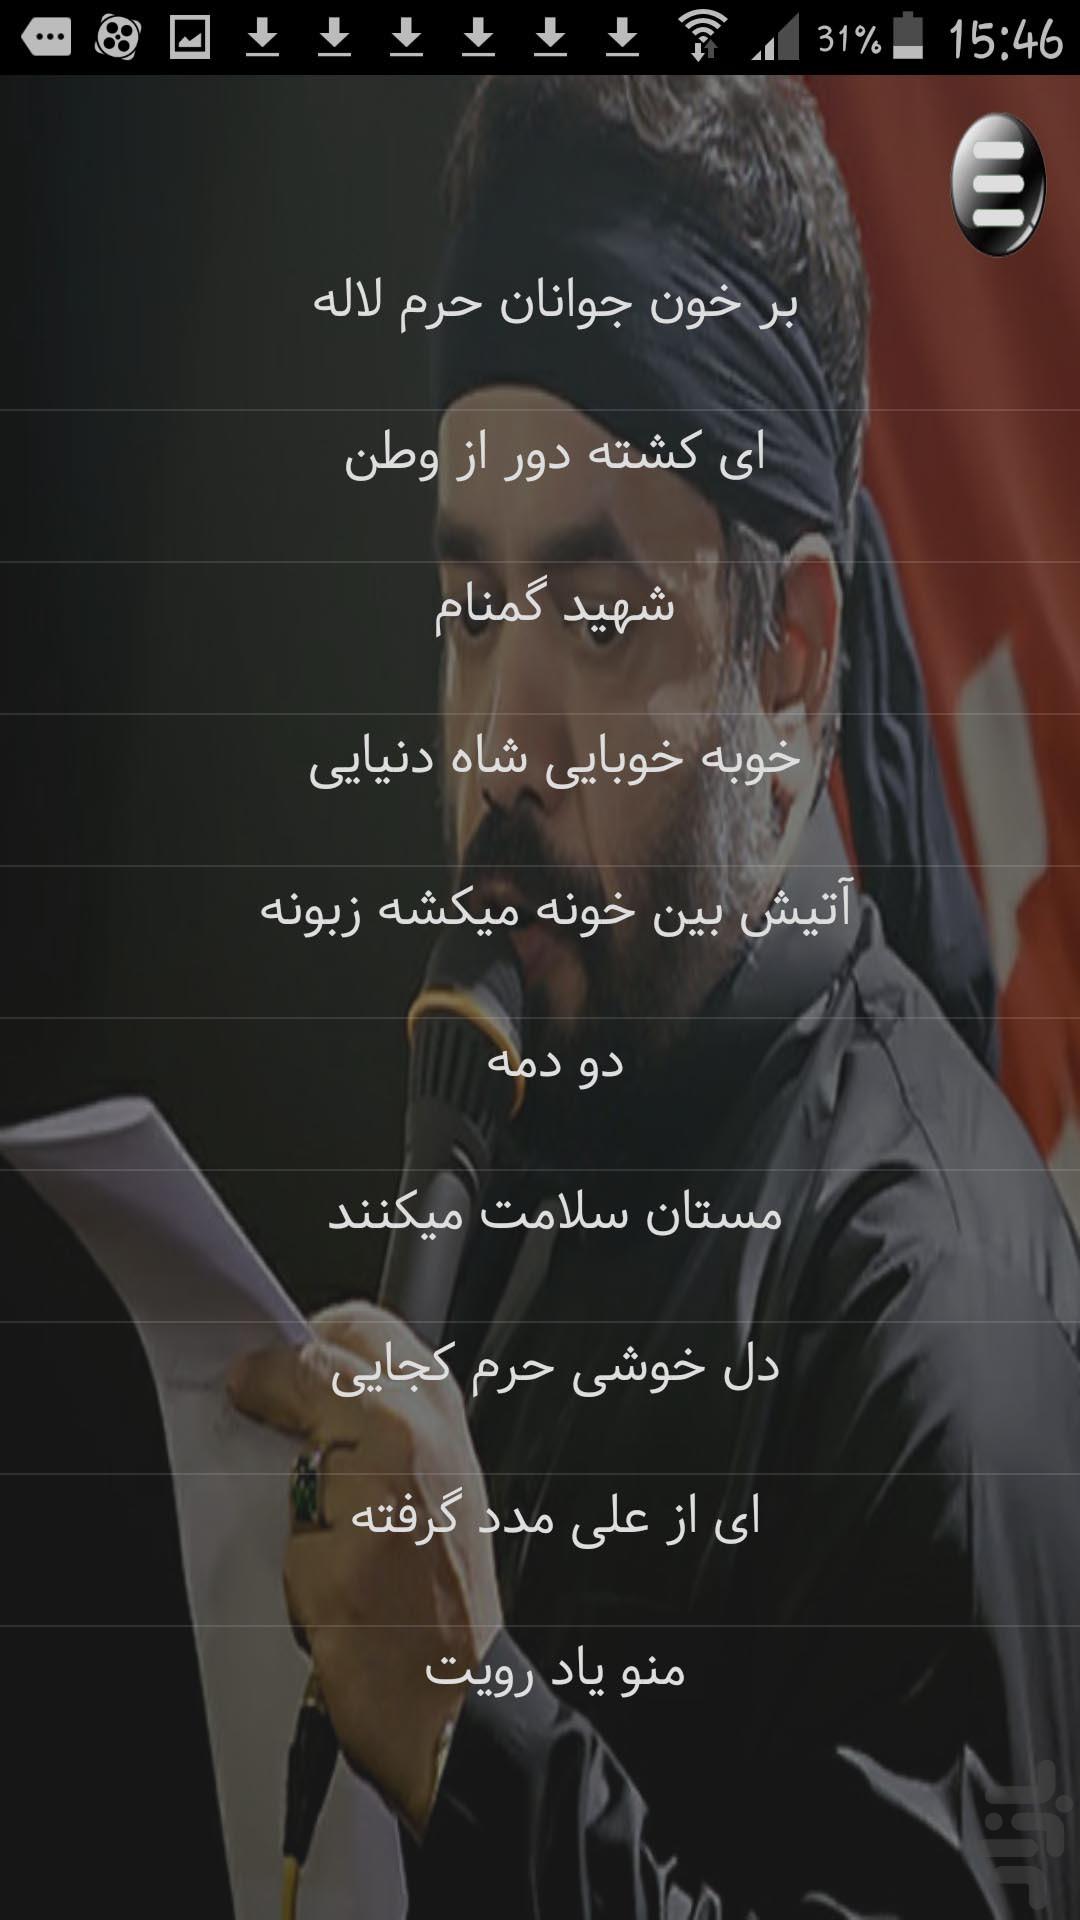 Labaik allahuma labaik | لبیک اللهم لبیک haj mahmoud karimi.